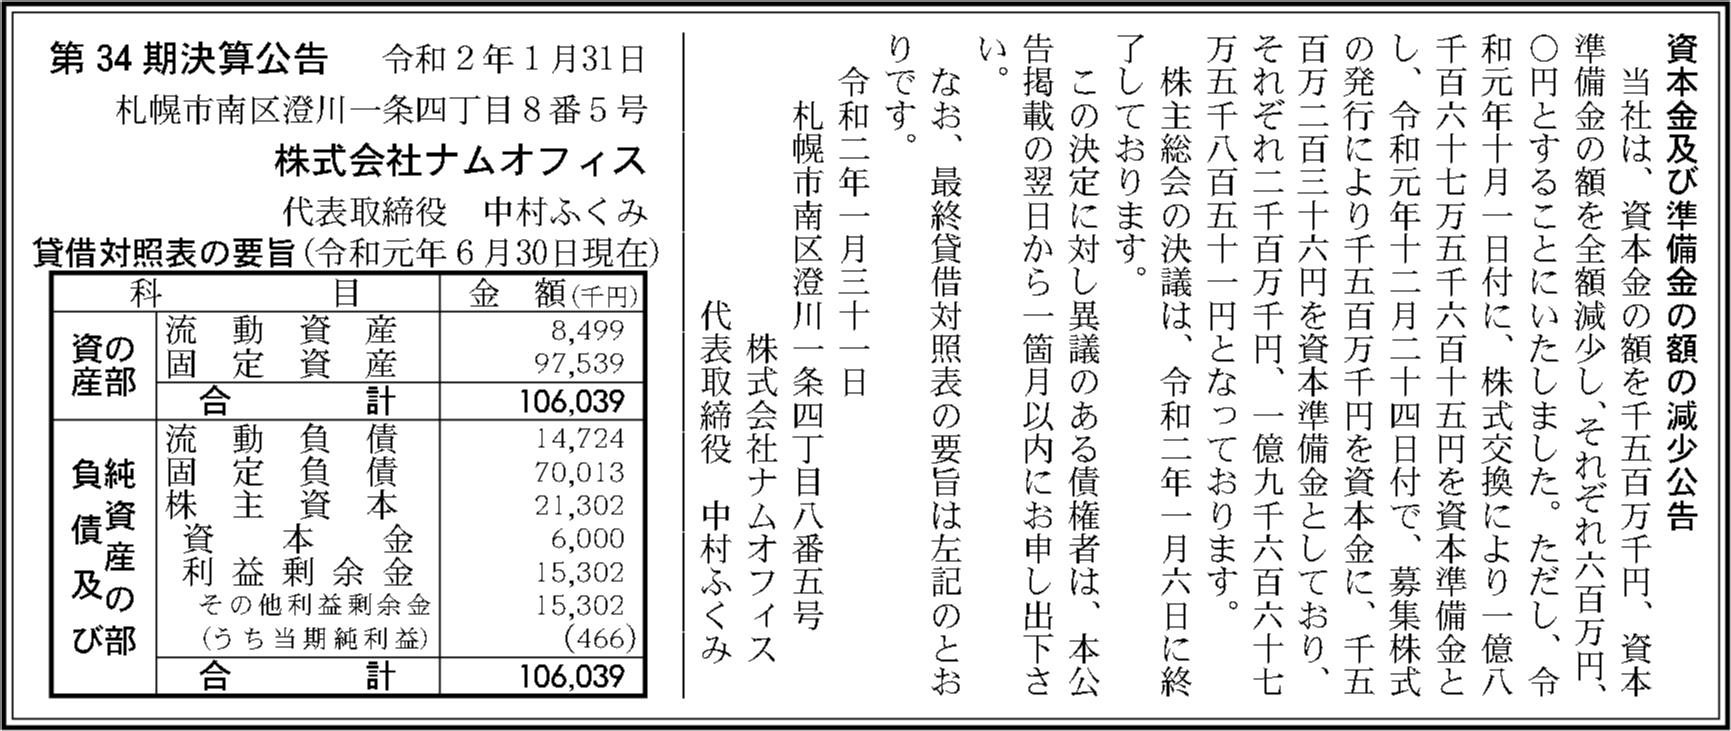 0122 2a4750250ee8c625c04b17b1630cf046b75c3763c436054ca8014761bb41db2d1b89c8a34f5cd58a3d44c1d999f709f39a3e79dc26c315001c6794ea3e773267 03